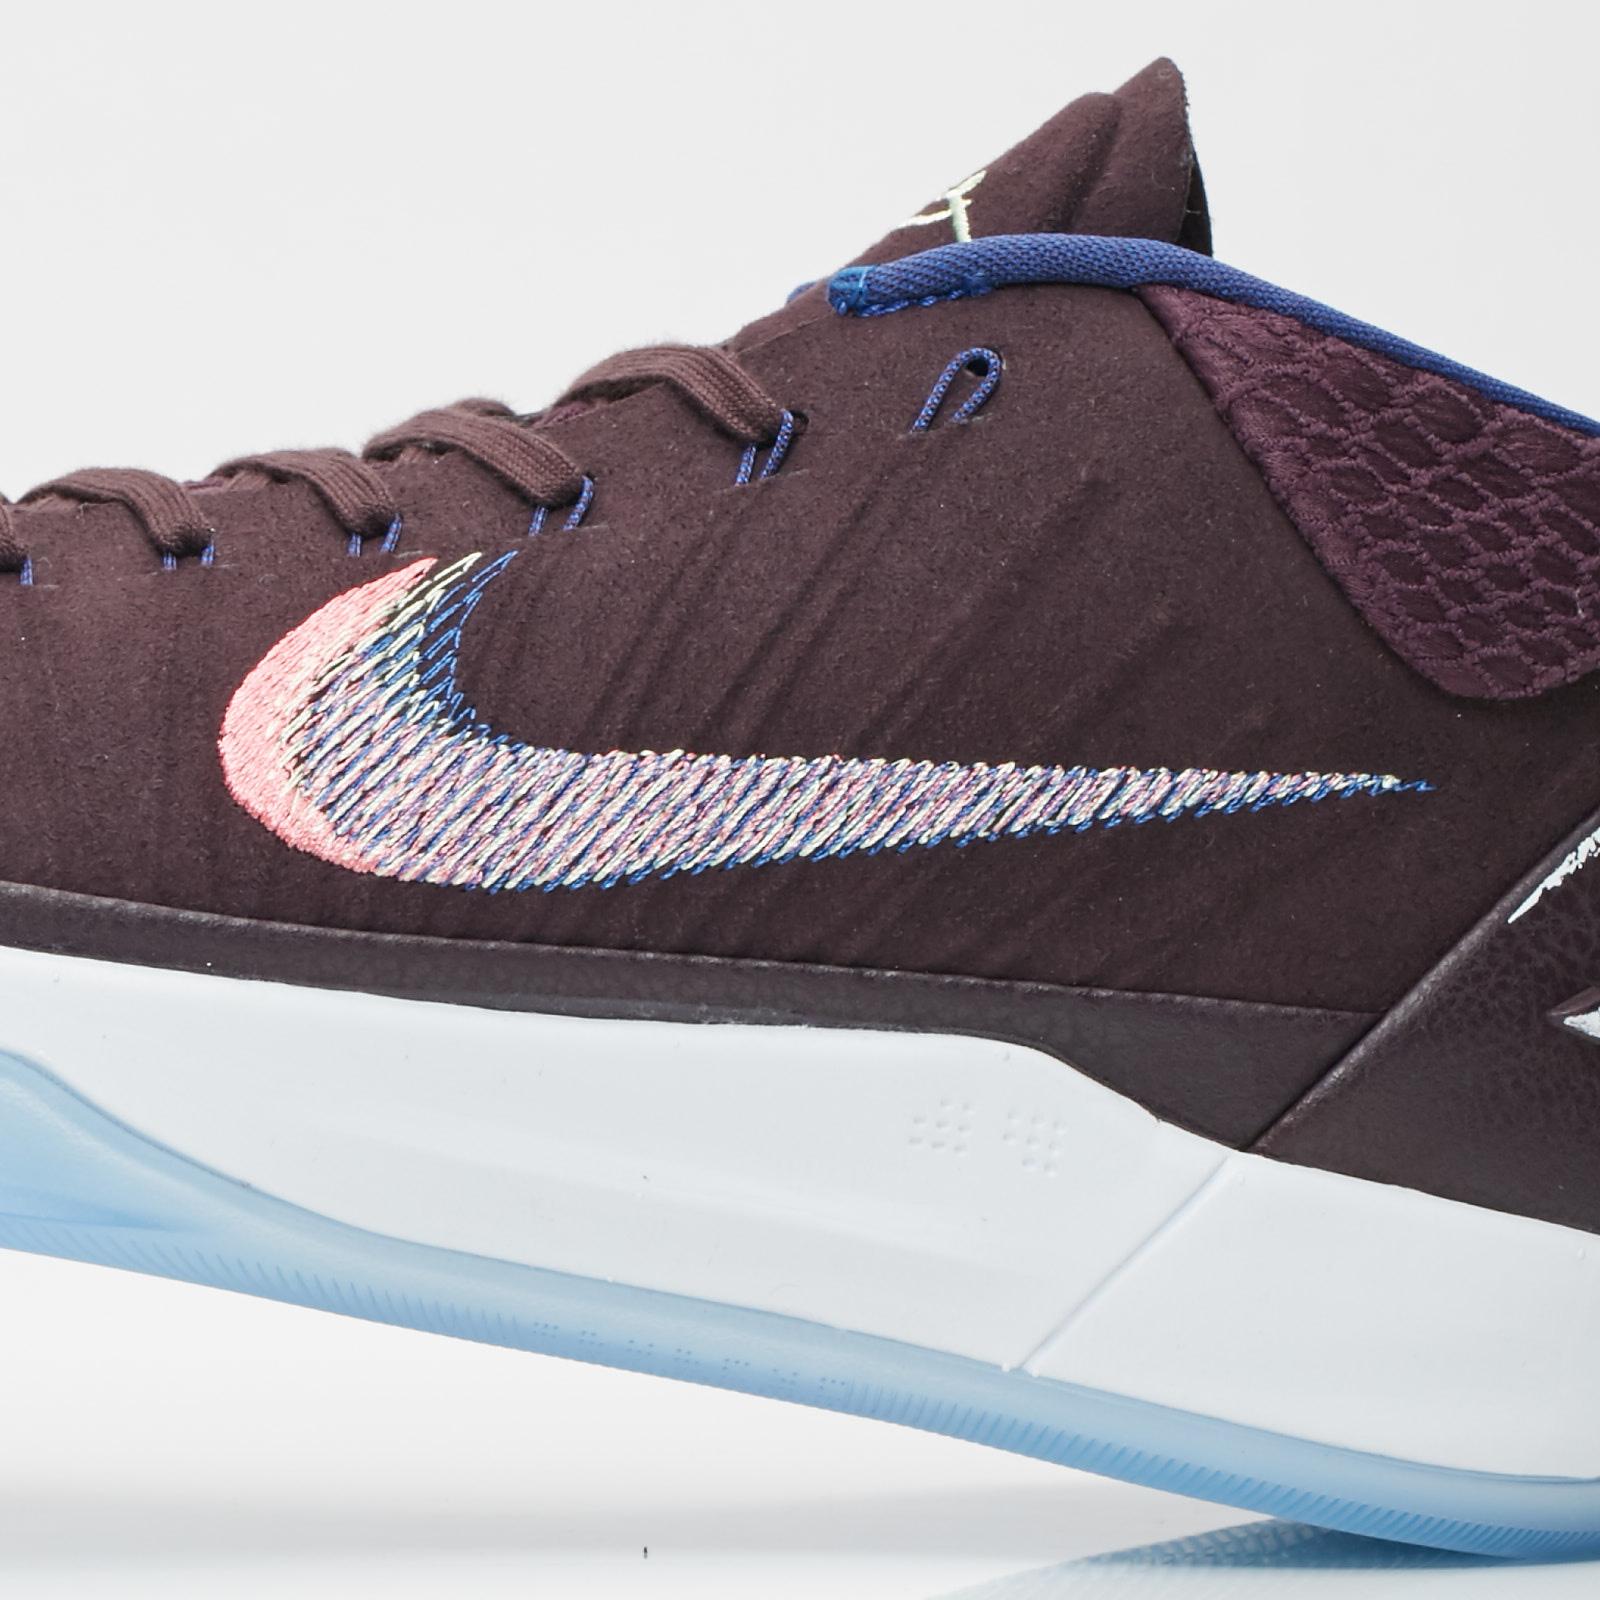 ea9ec01ce2f3 Nike Kobe AD - 922482-602 - Sneakersnstuff